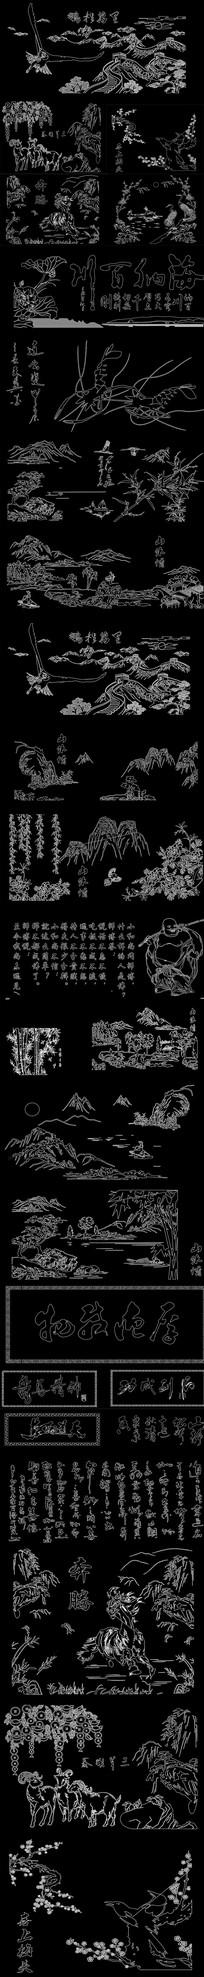 泼墨 山水画CAD图库